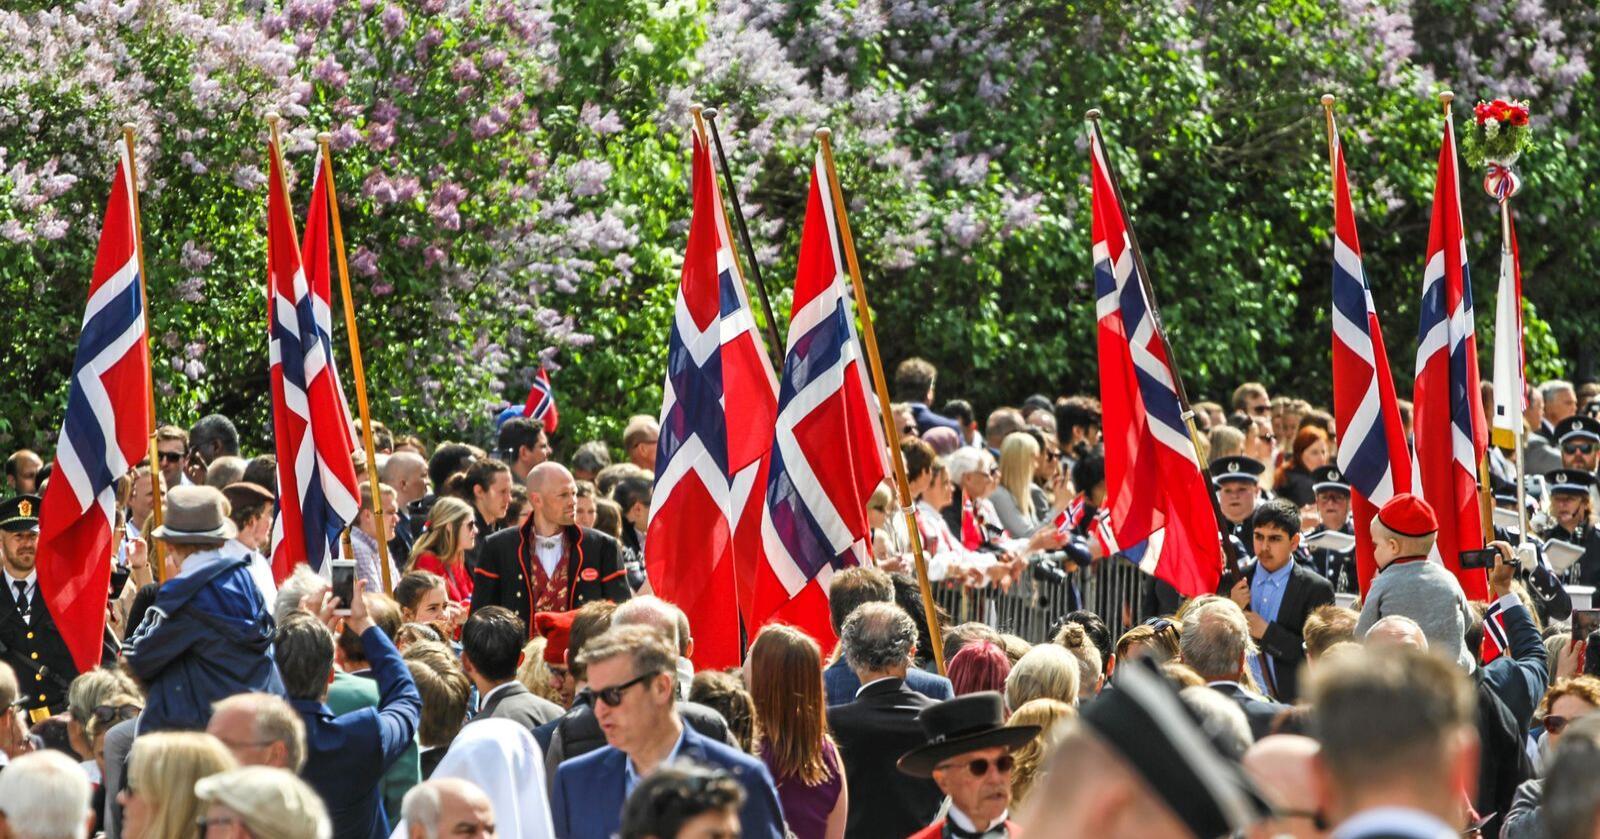 Slik er 17. mai-feiringen til vanlig, men i år vil de fleste feire hjemme. Foto: Mostphotos